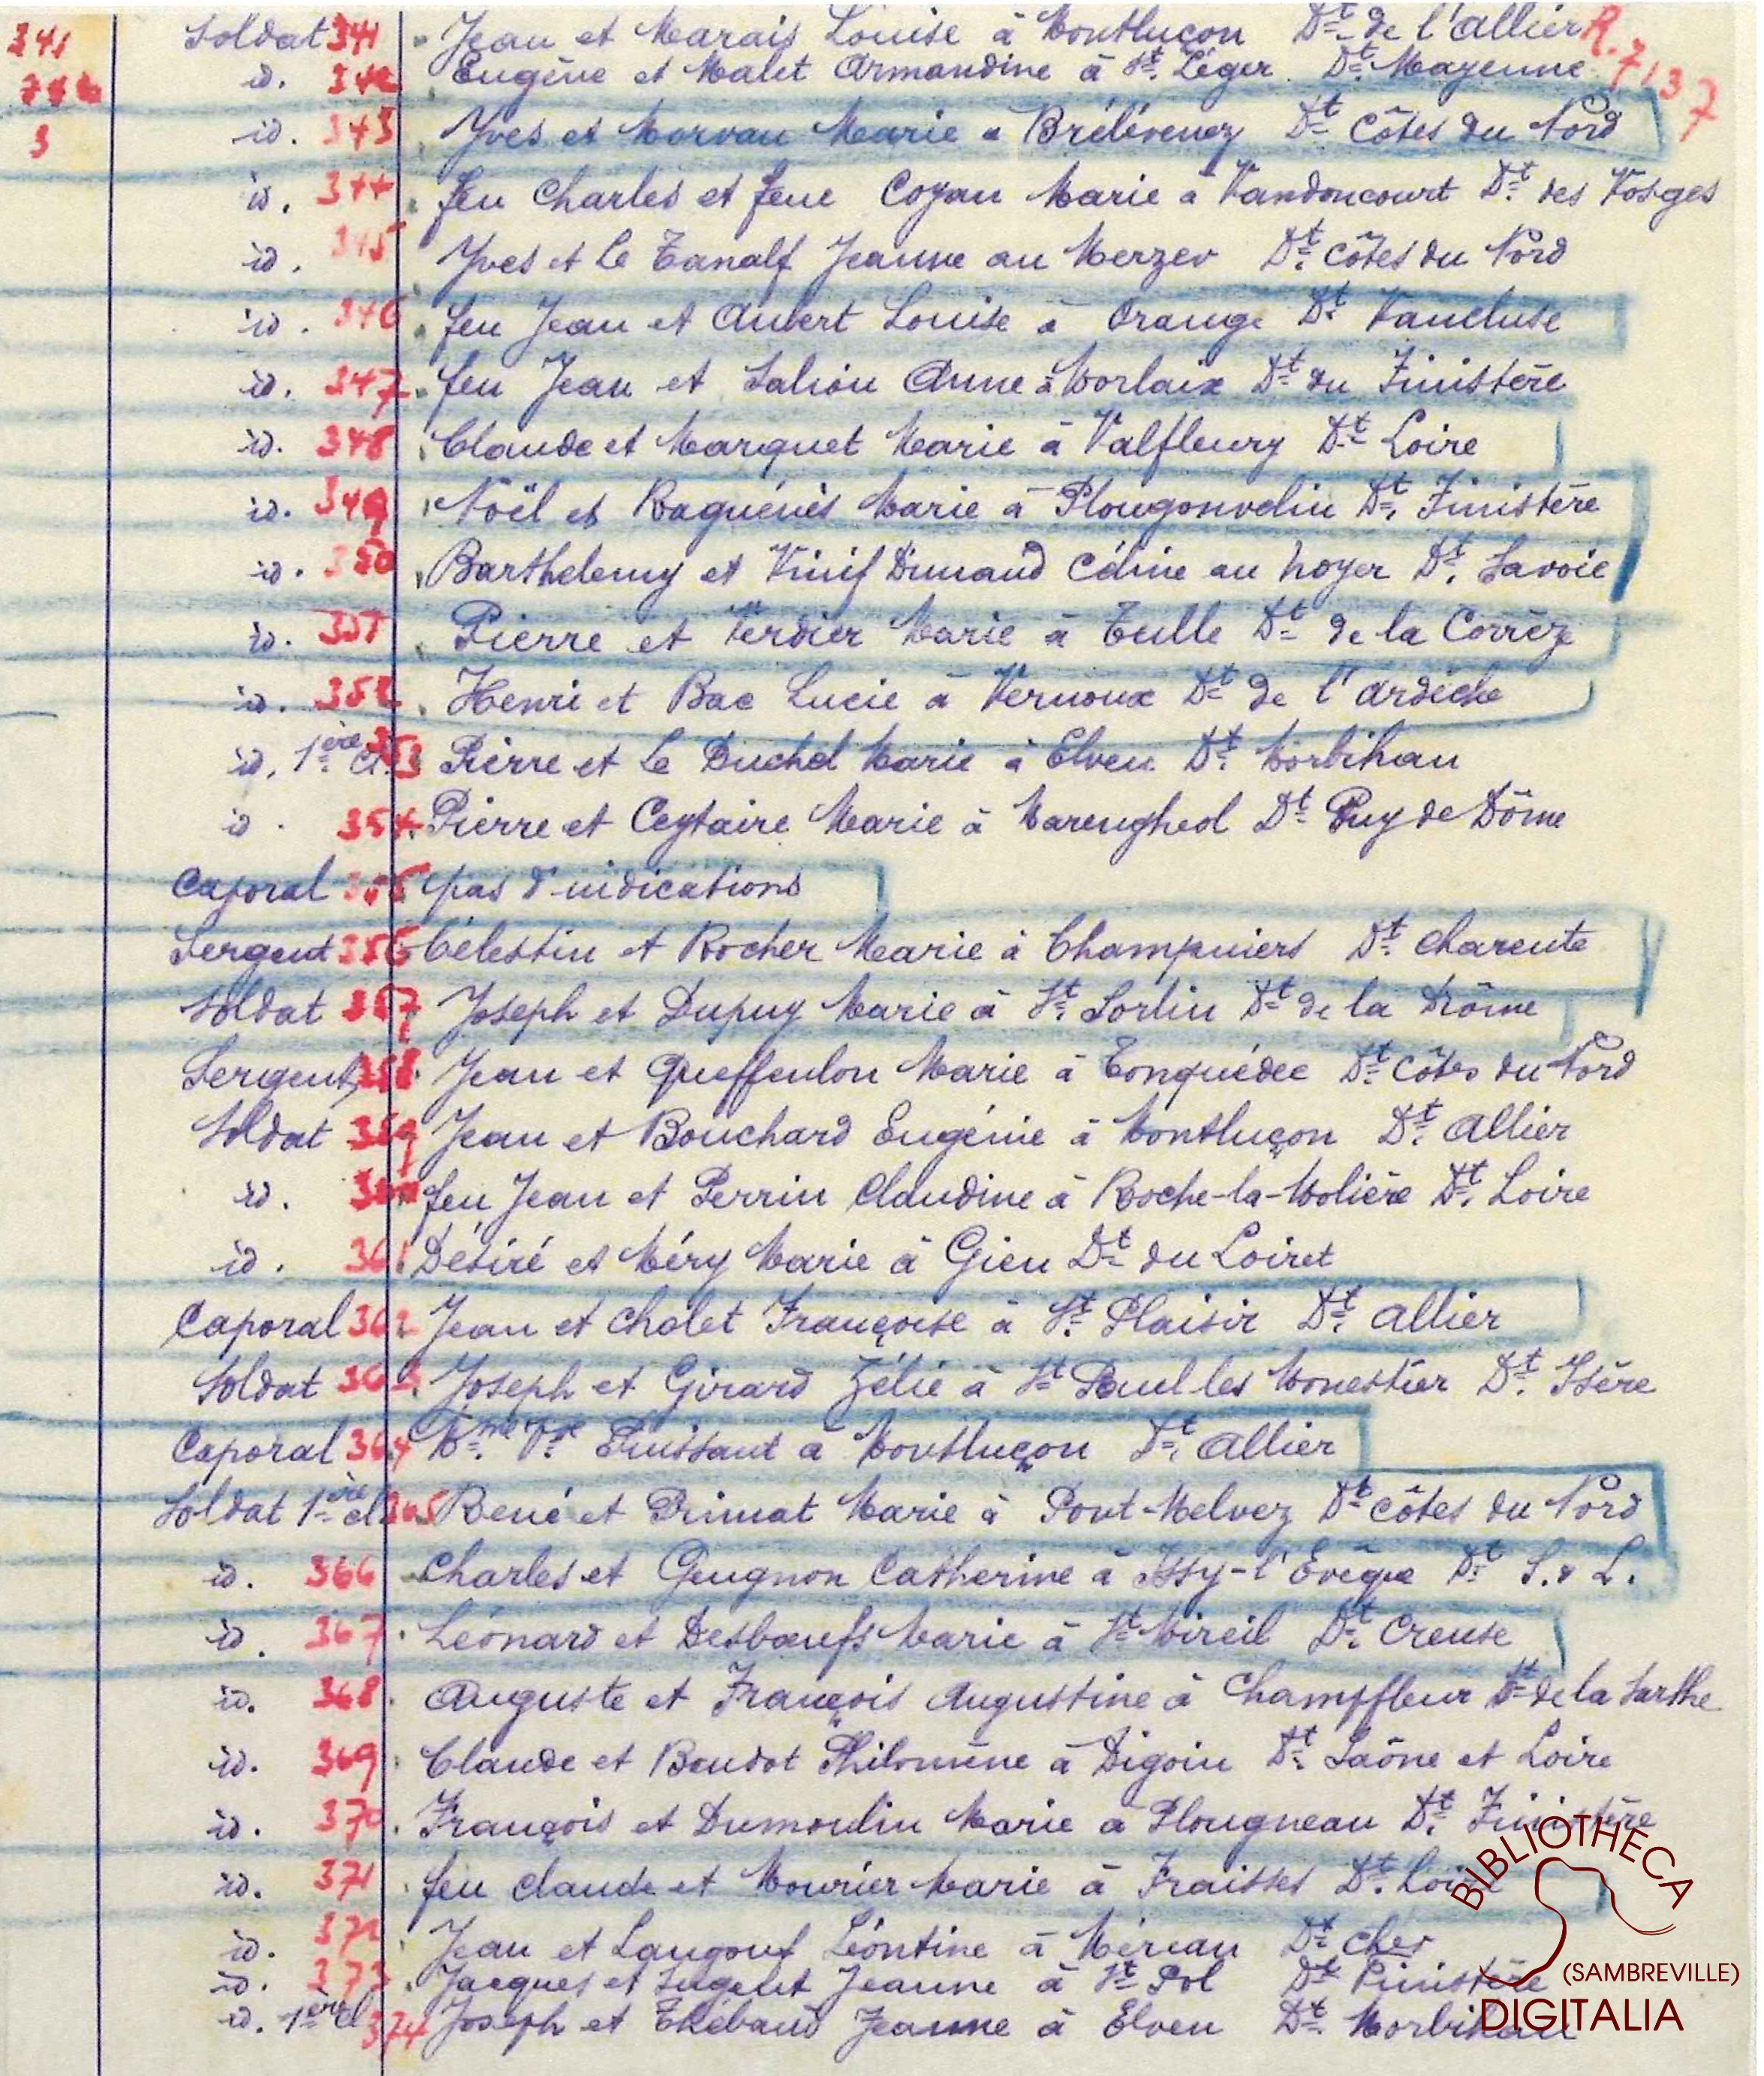 Liste des livrets militaires en dépôt à la mairie d'Auvelais, page 22